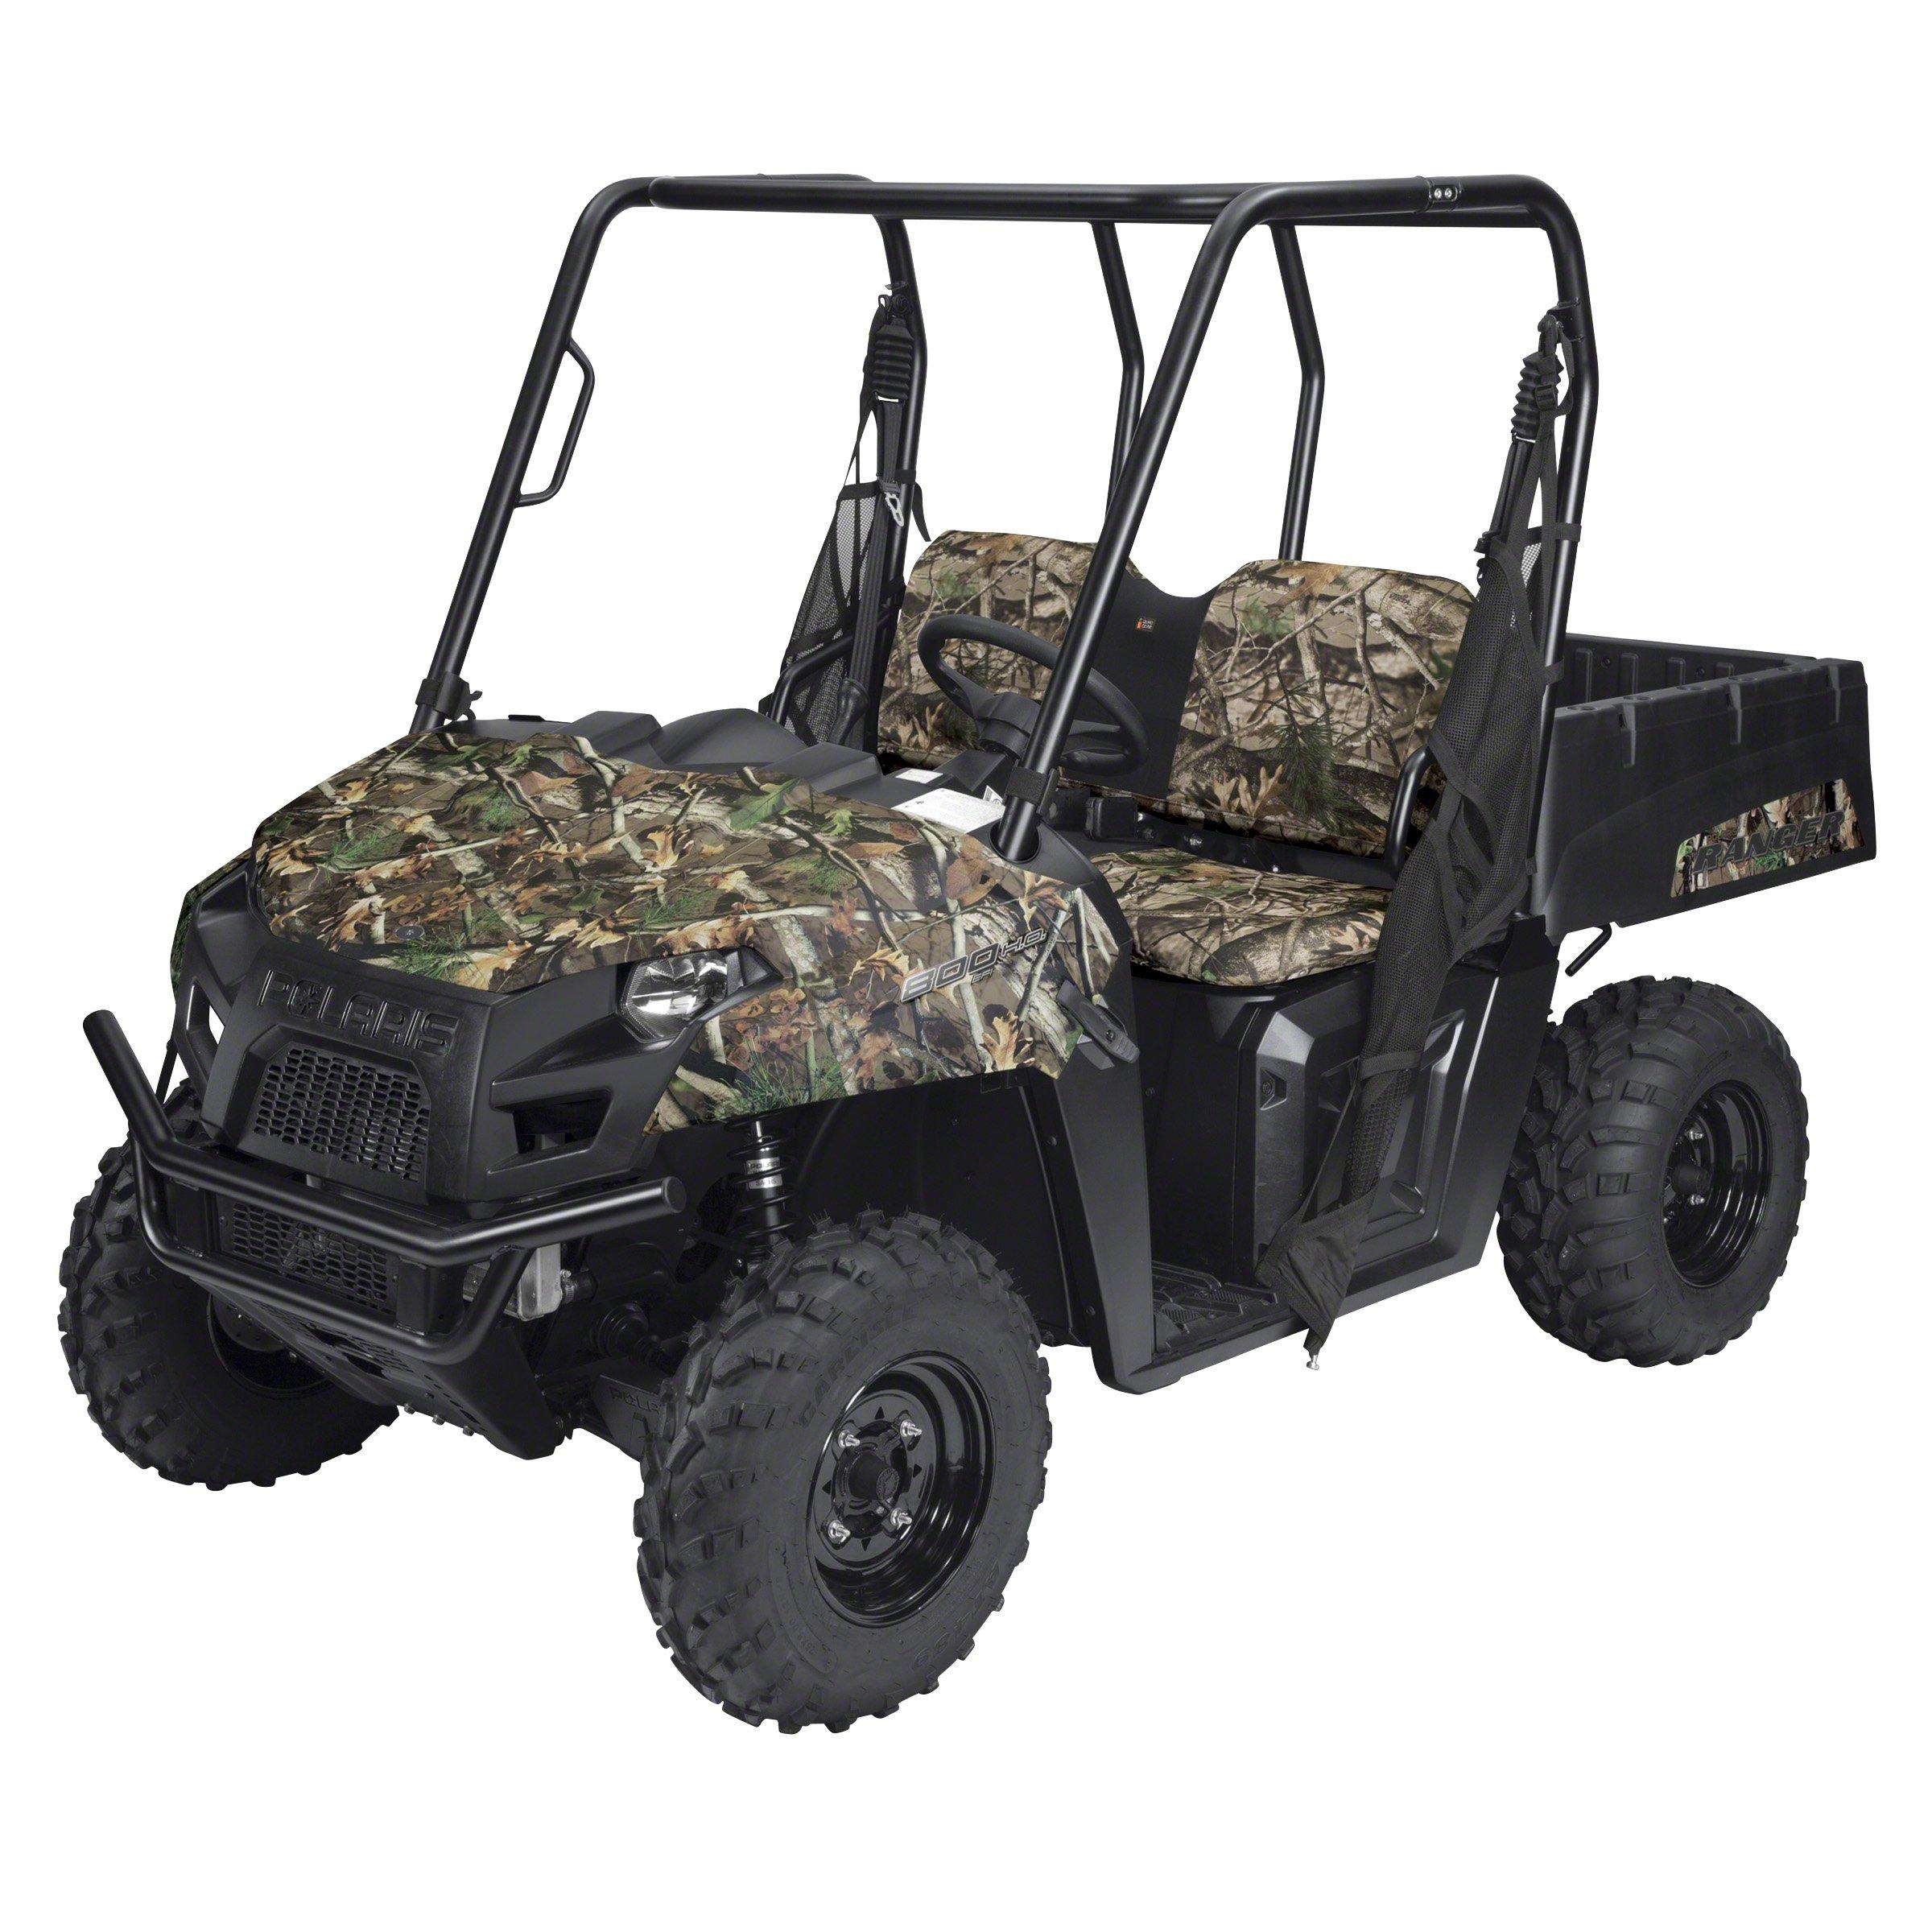 Classic Accessories 18-139-016003-00 Next Vista G1 Camo QuadGear UTV Bench Seat Cover